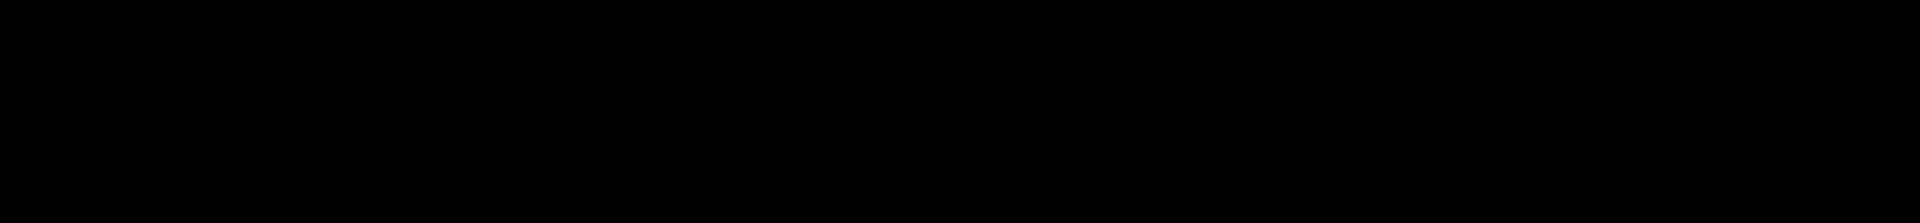 佛山市南海达毫升环保设备有限公司